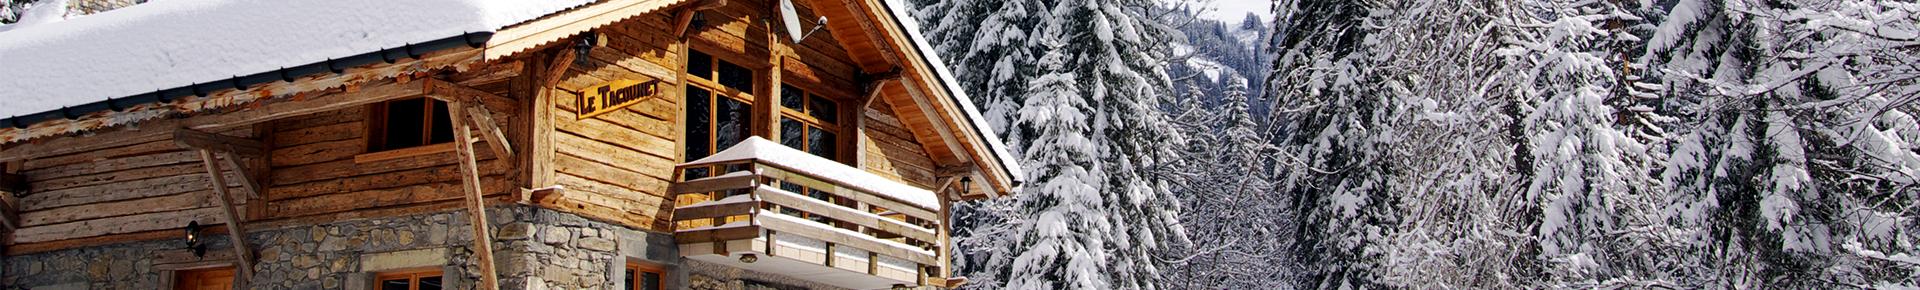 Hébergements d'hiver en Vallée d'Aulps